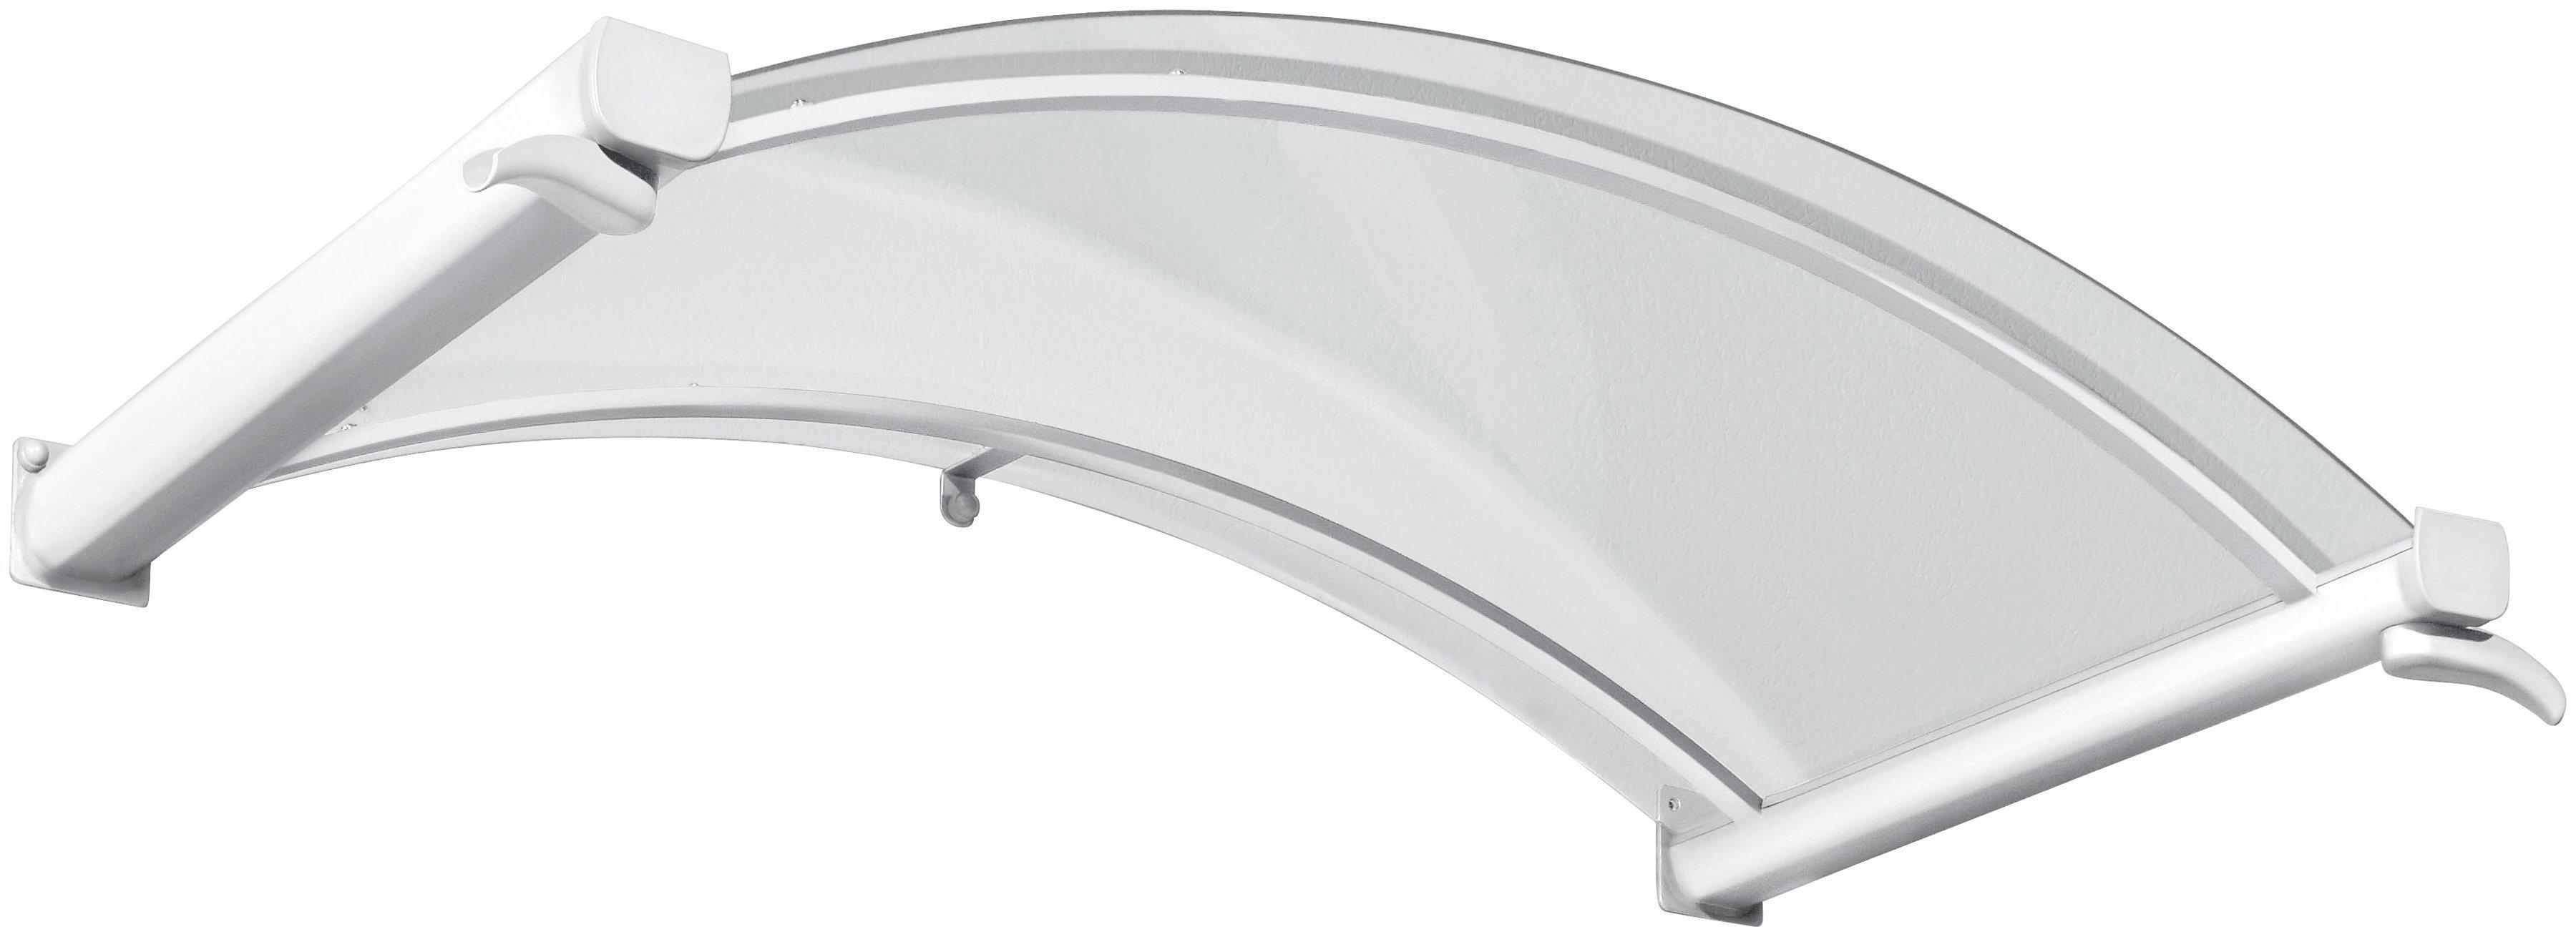 Gutta Bogenvordach »TYP BV/B«, 160x90x30 cm, weiß-transparent   Baumarkt > Modernisieren und Baün > Vordächer   GUTTA